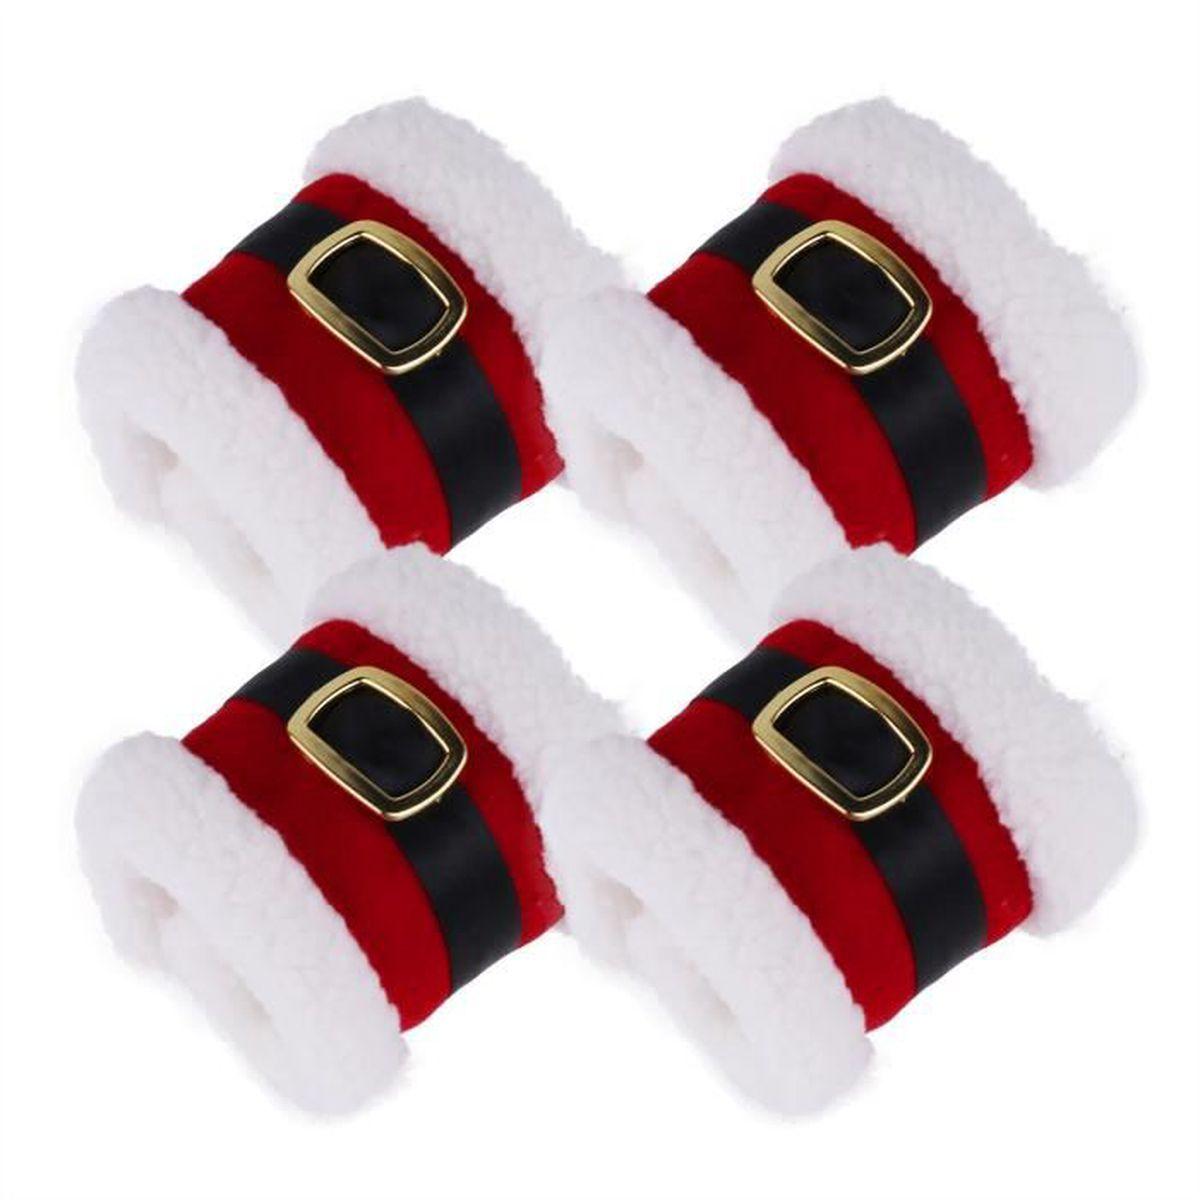 20 Papier Fête Serviettes Ornements de Noël Pack de 20 3 plis Tissu Serviettes